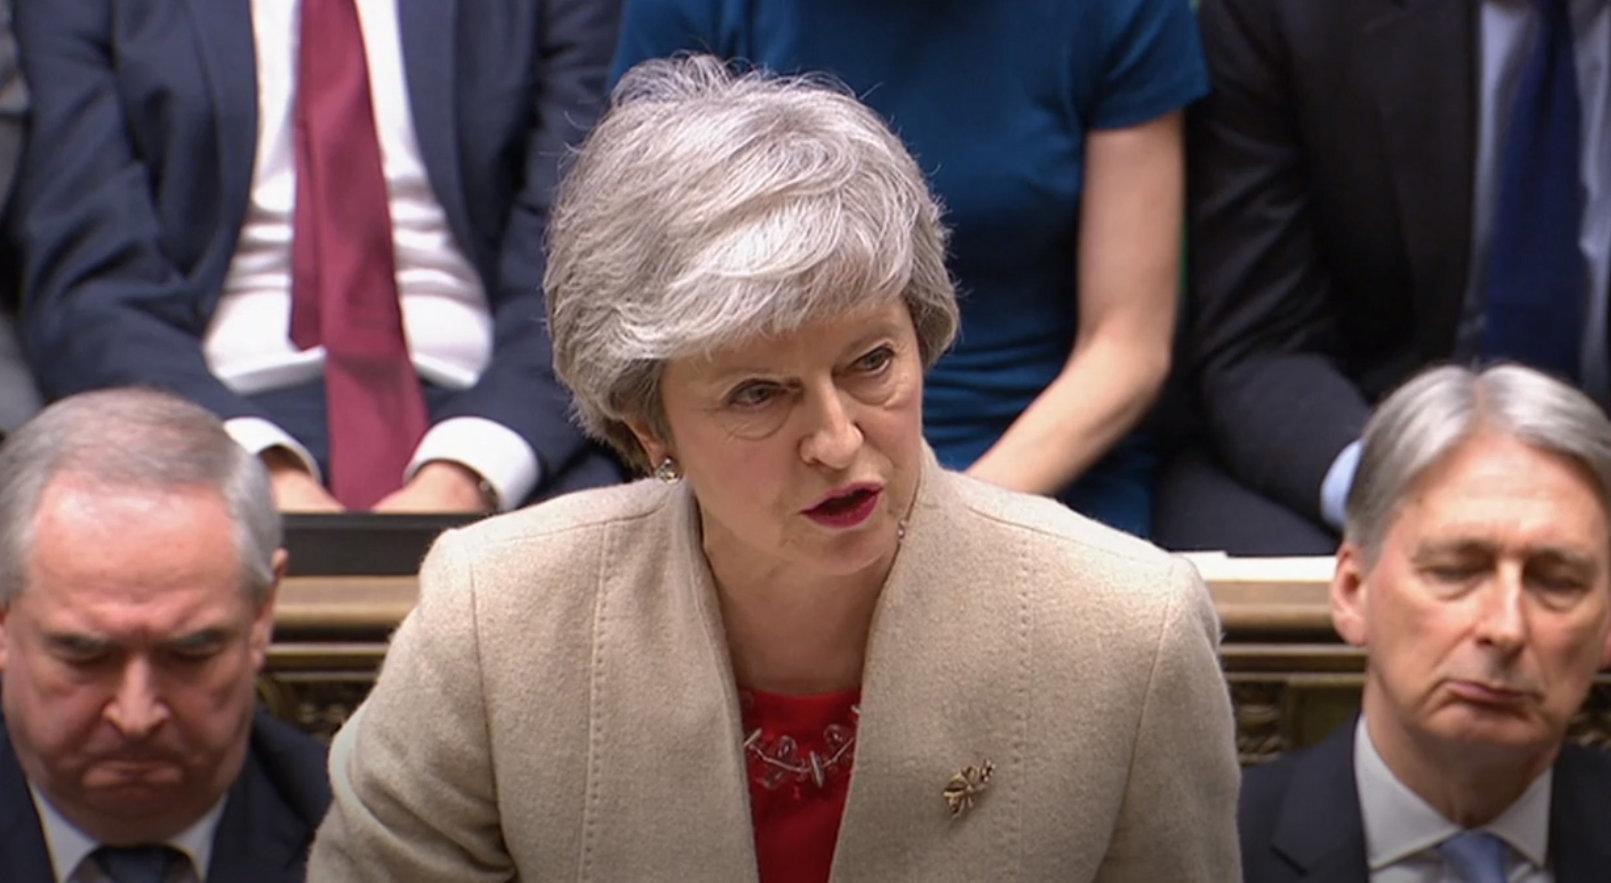 Τρίτο και οριστικό όχι στη Μέι από το Βρετανικό Κοινοβούλιο - Brexit στις 12